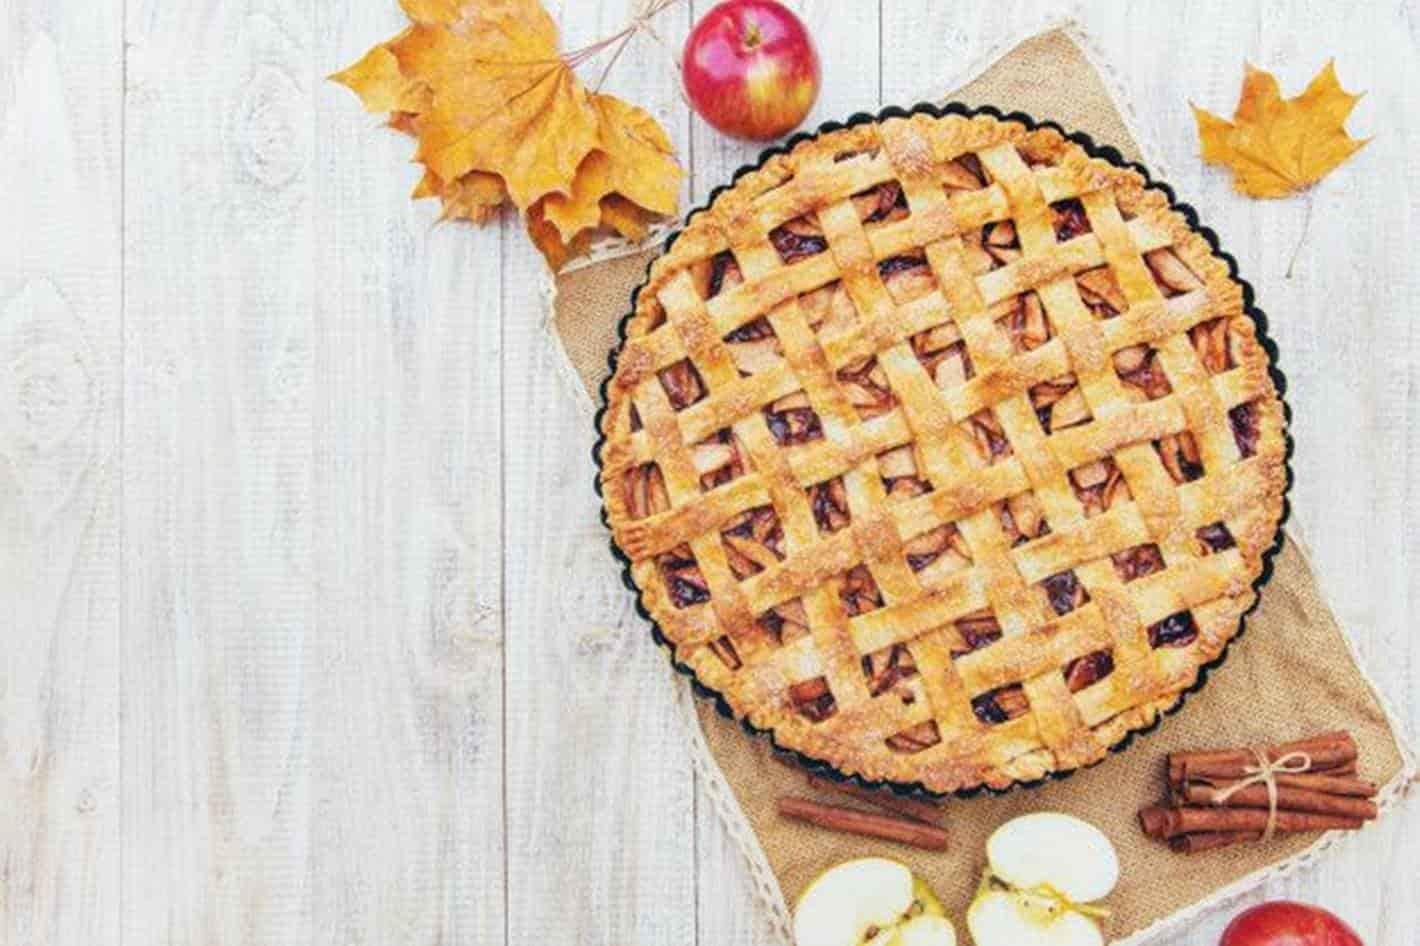 Aprenda a fazer uma deliciosa e tradicional torta de maçã